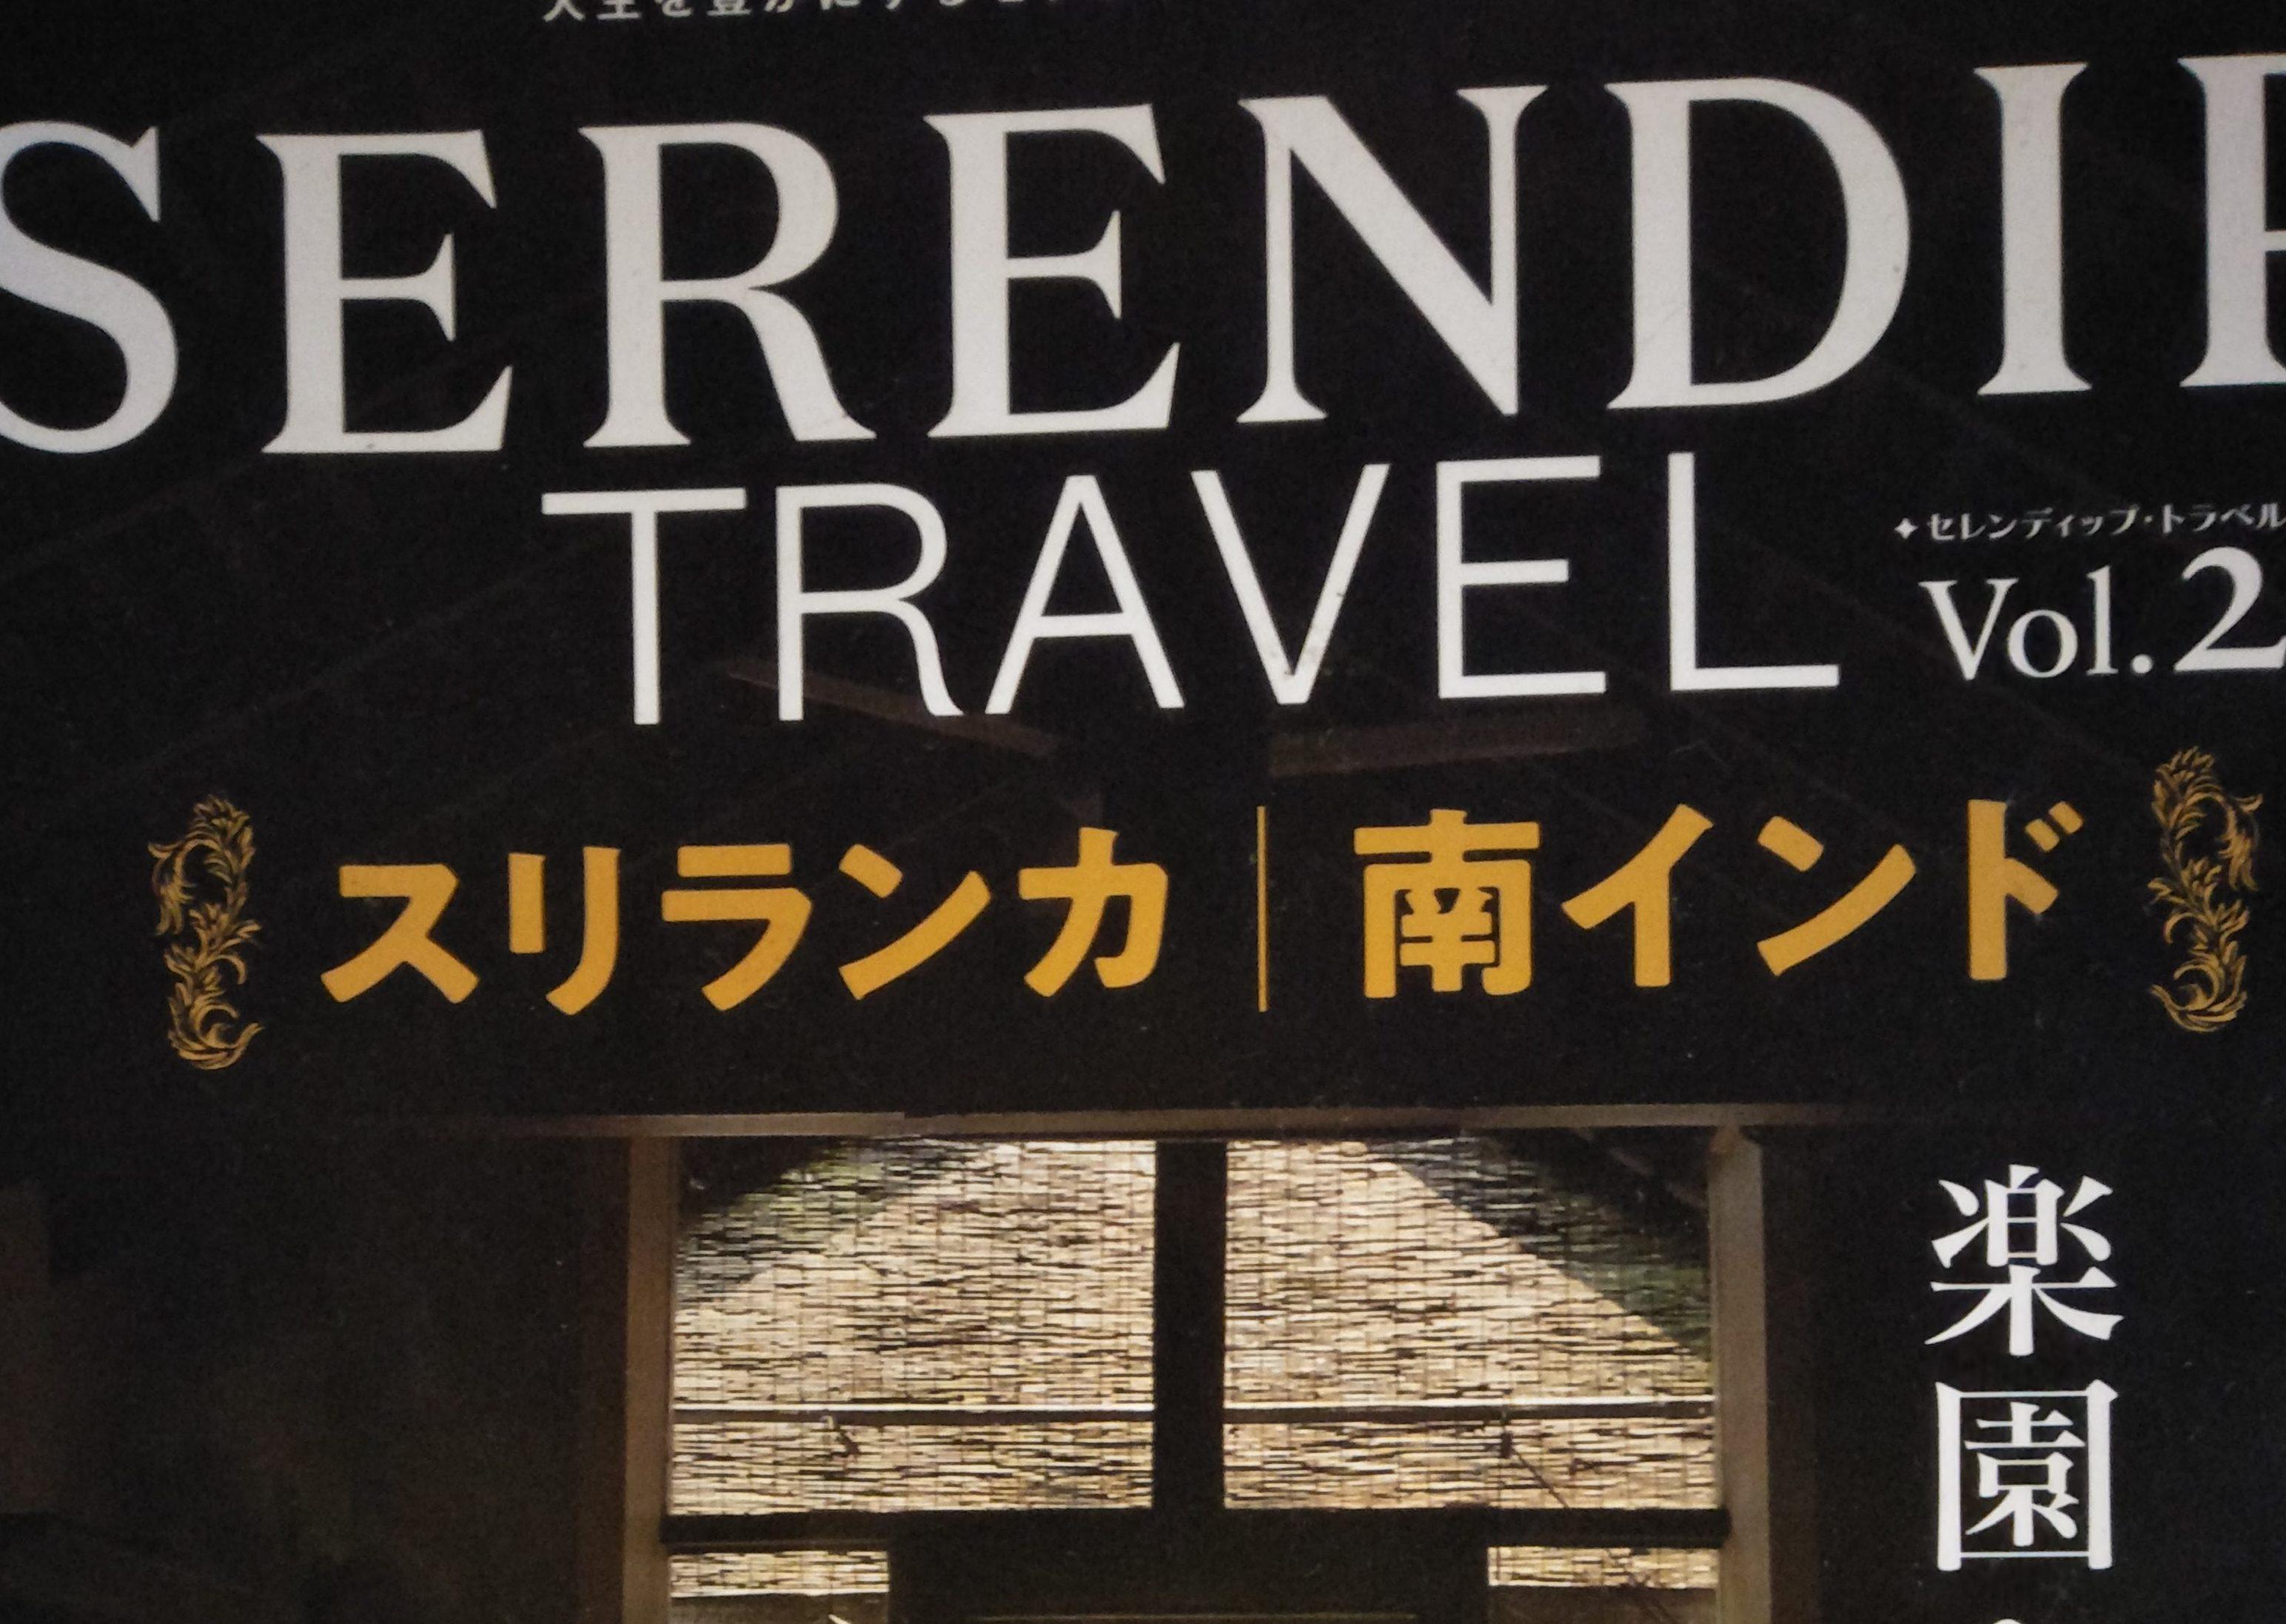 雑誌「SERENDIP」TRAVELに掲載されました。